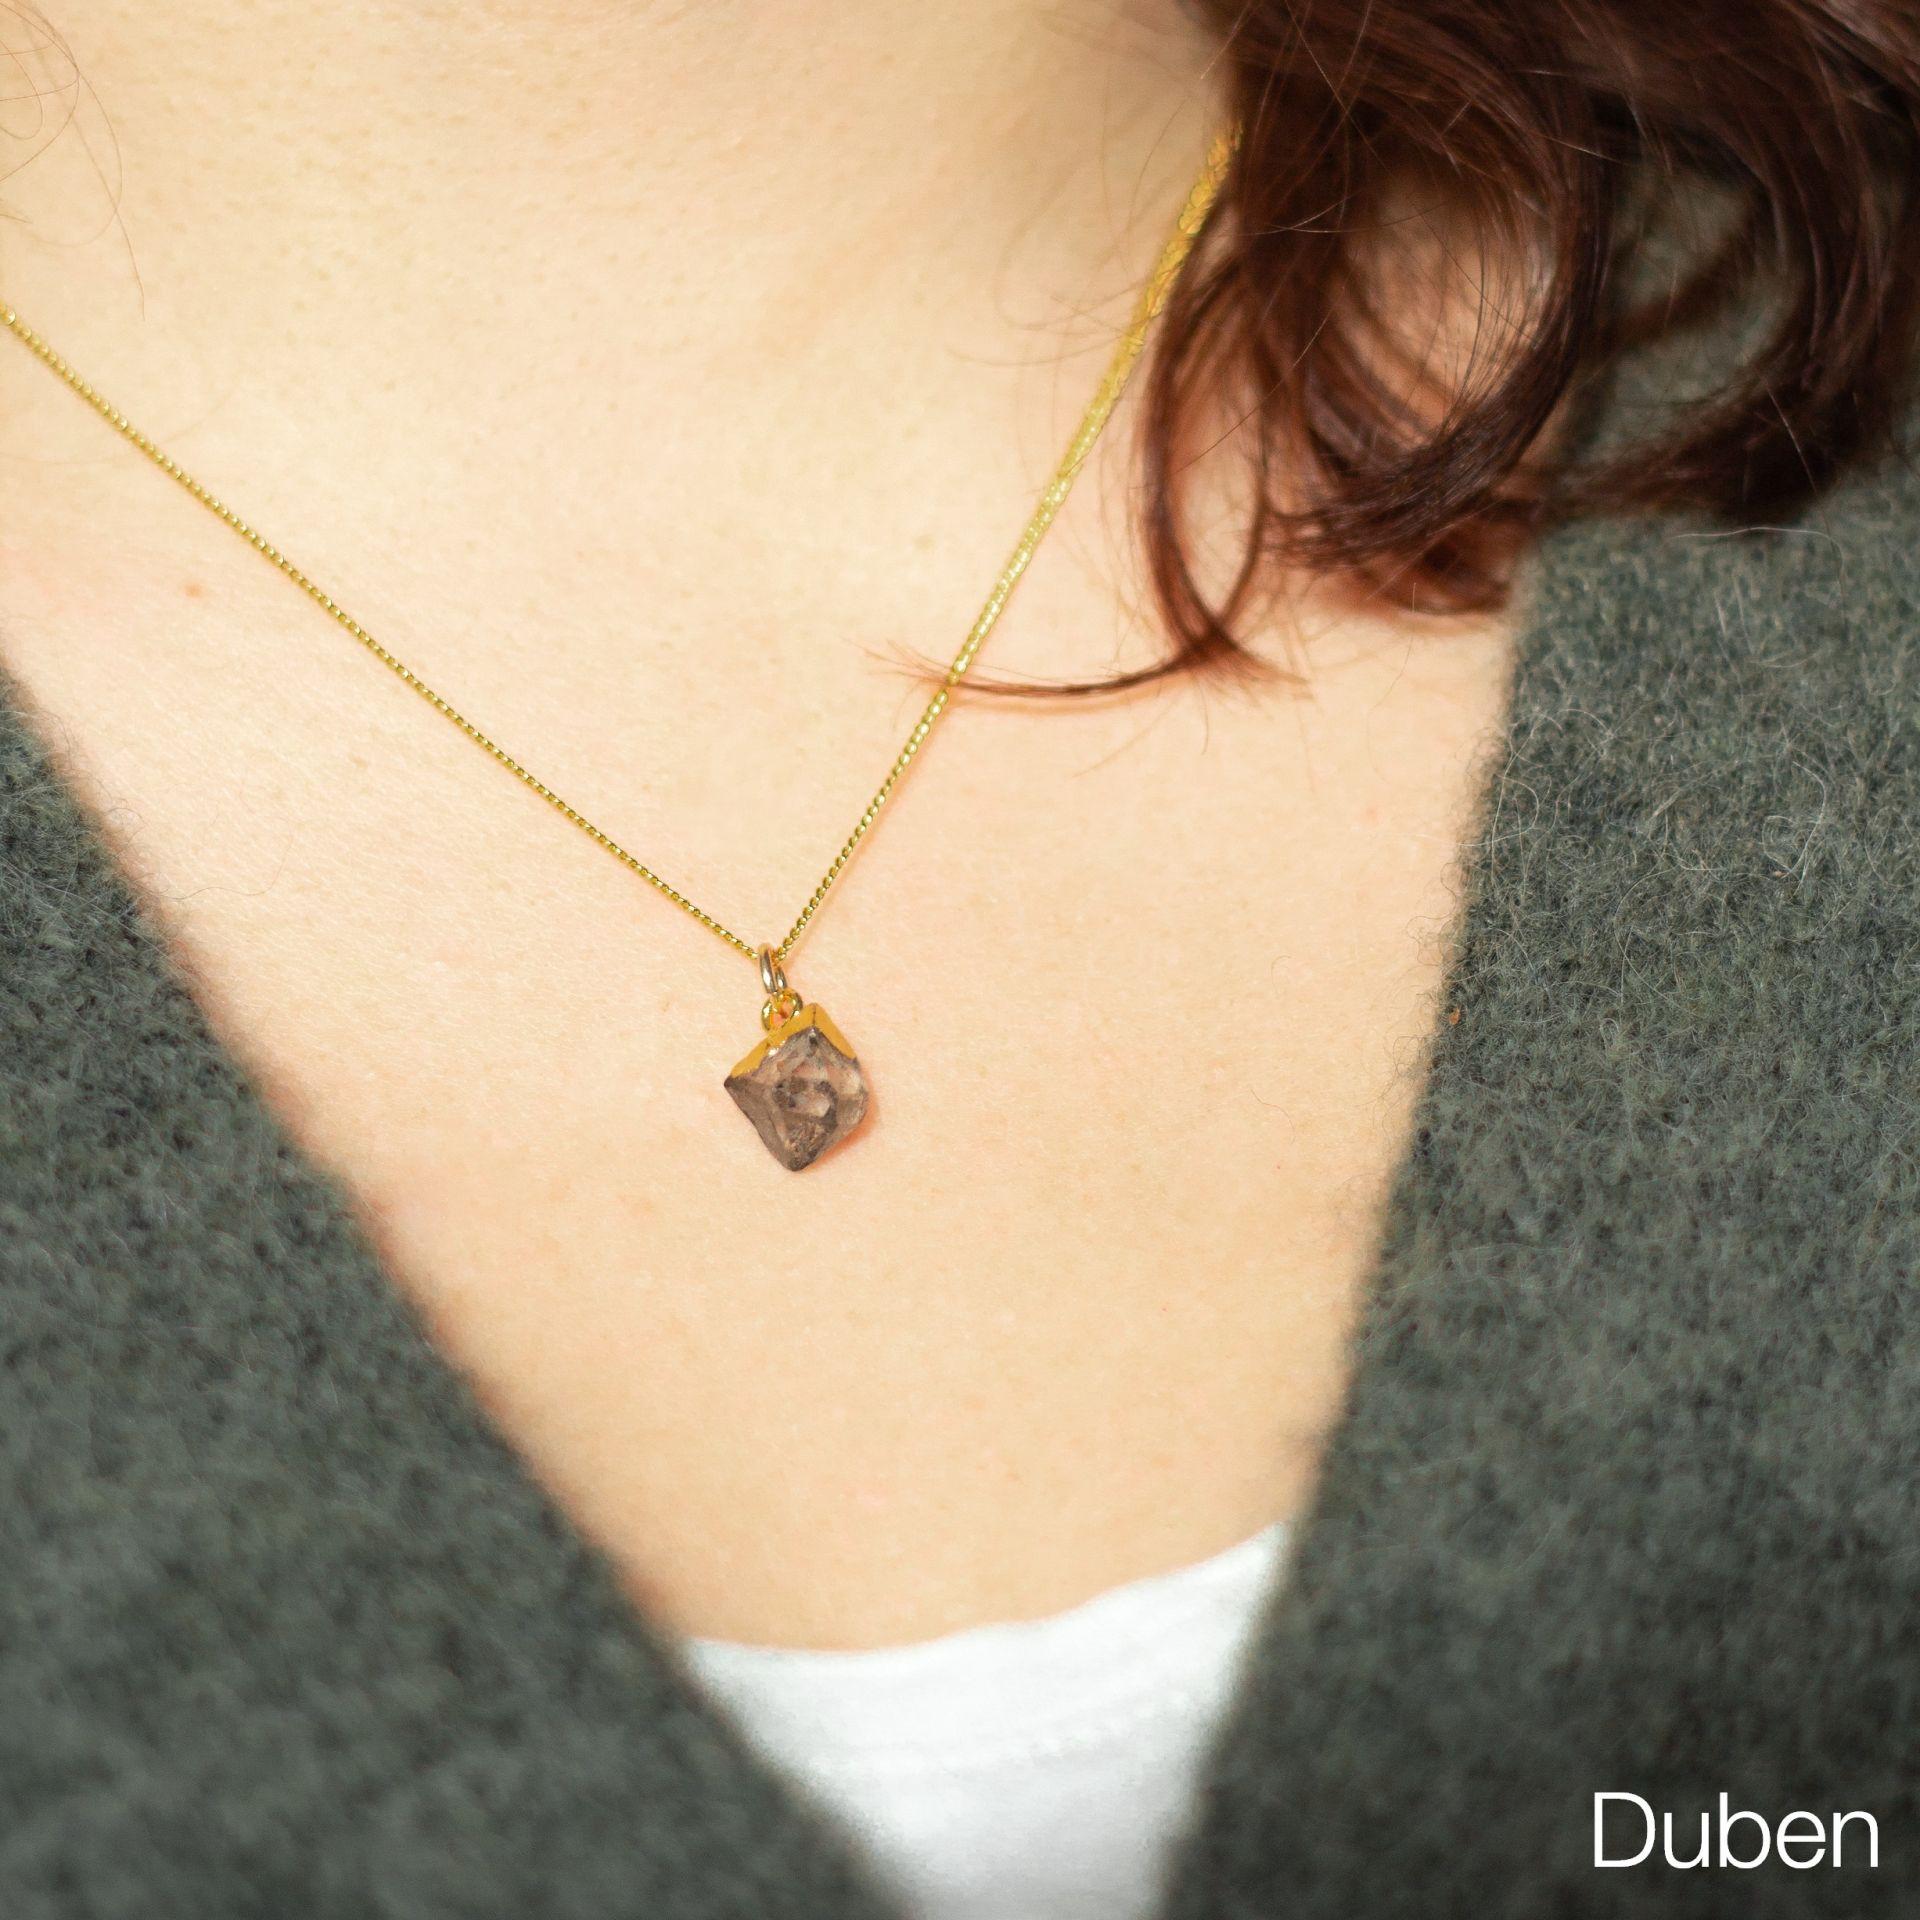 DECADORN Pozlacený řetízek s narozeninovým kamenem Birthstone Duben - herkimer, multi barva, zlatá barva, kov, kámen